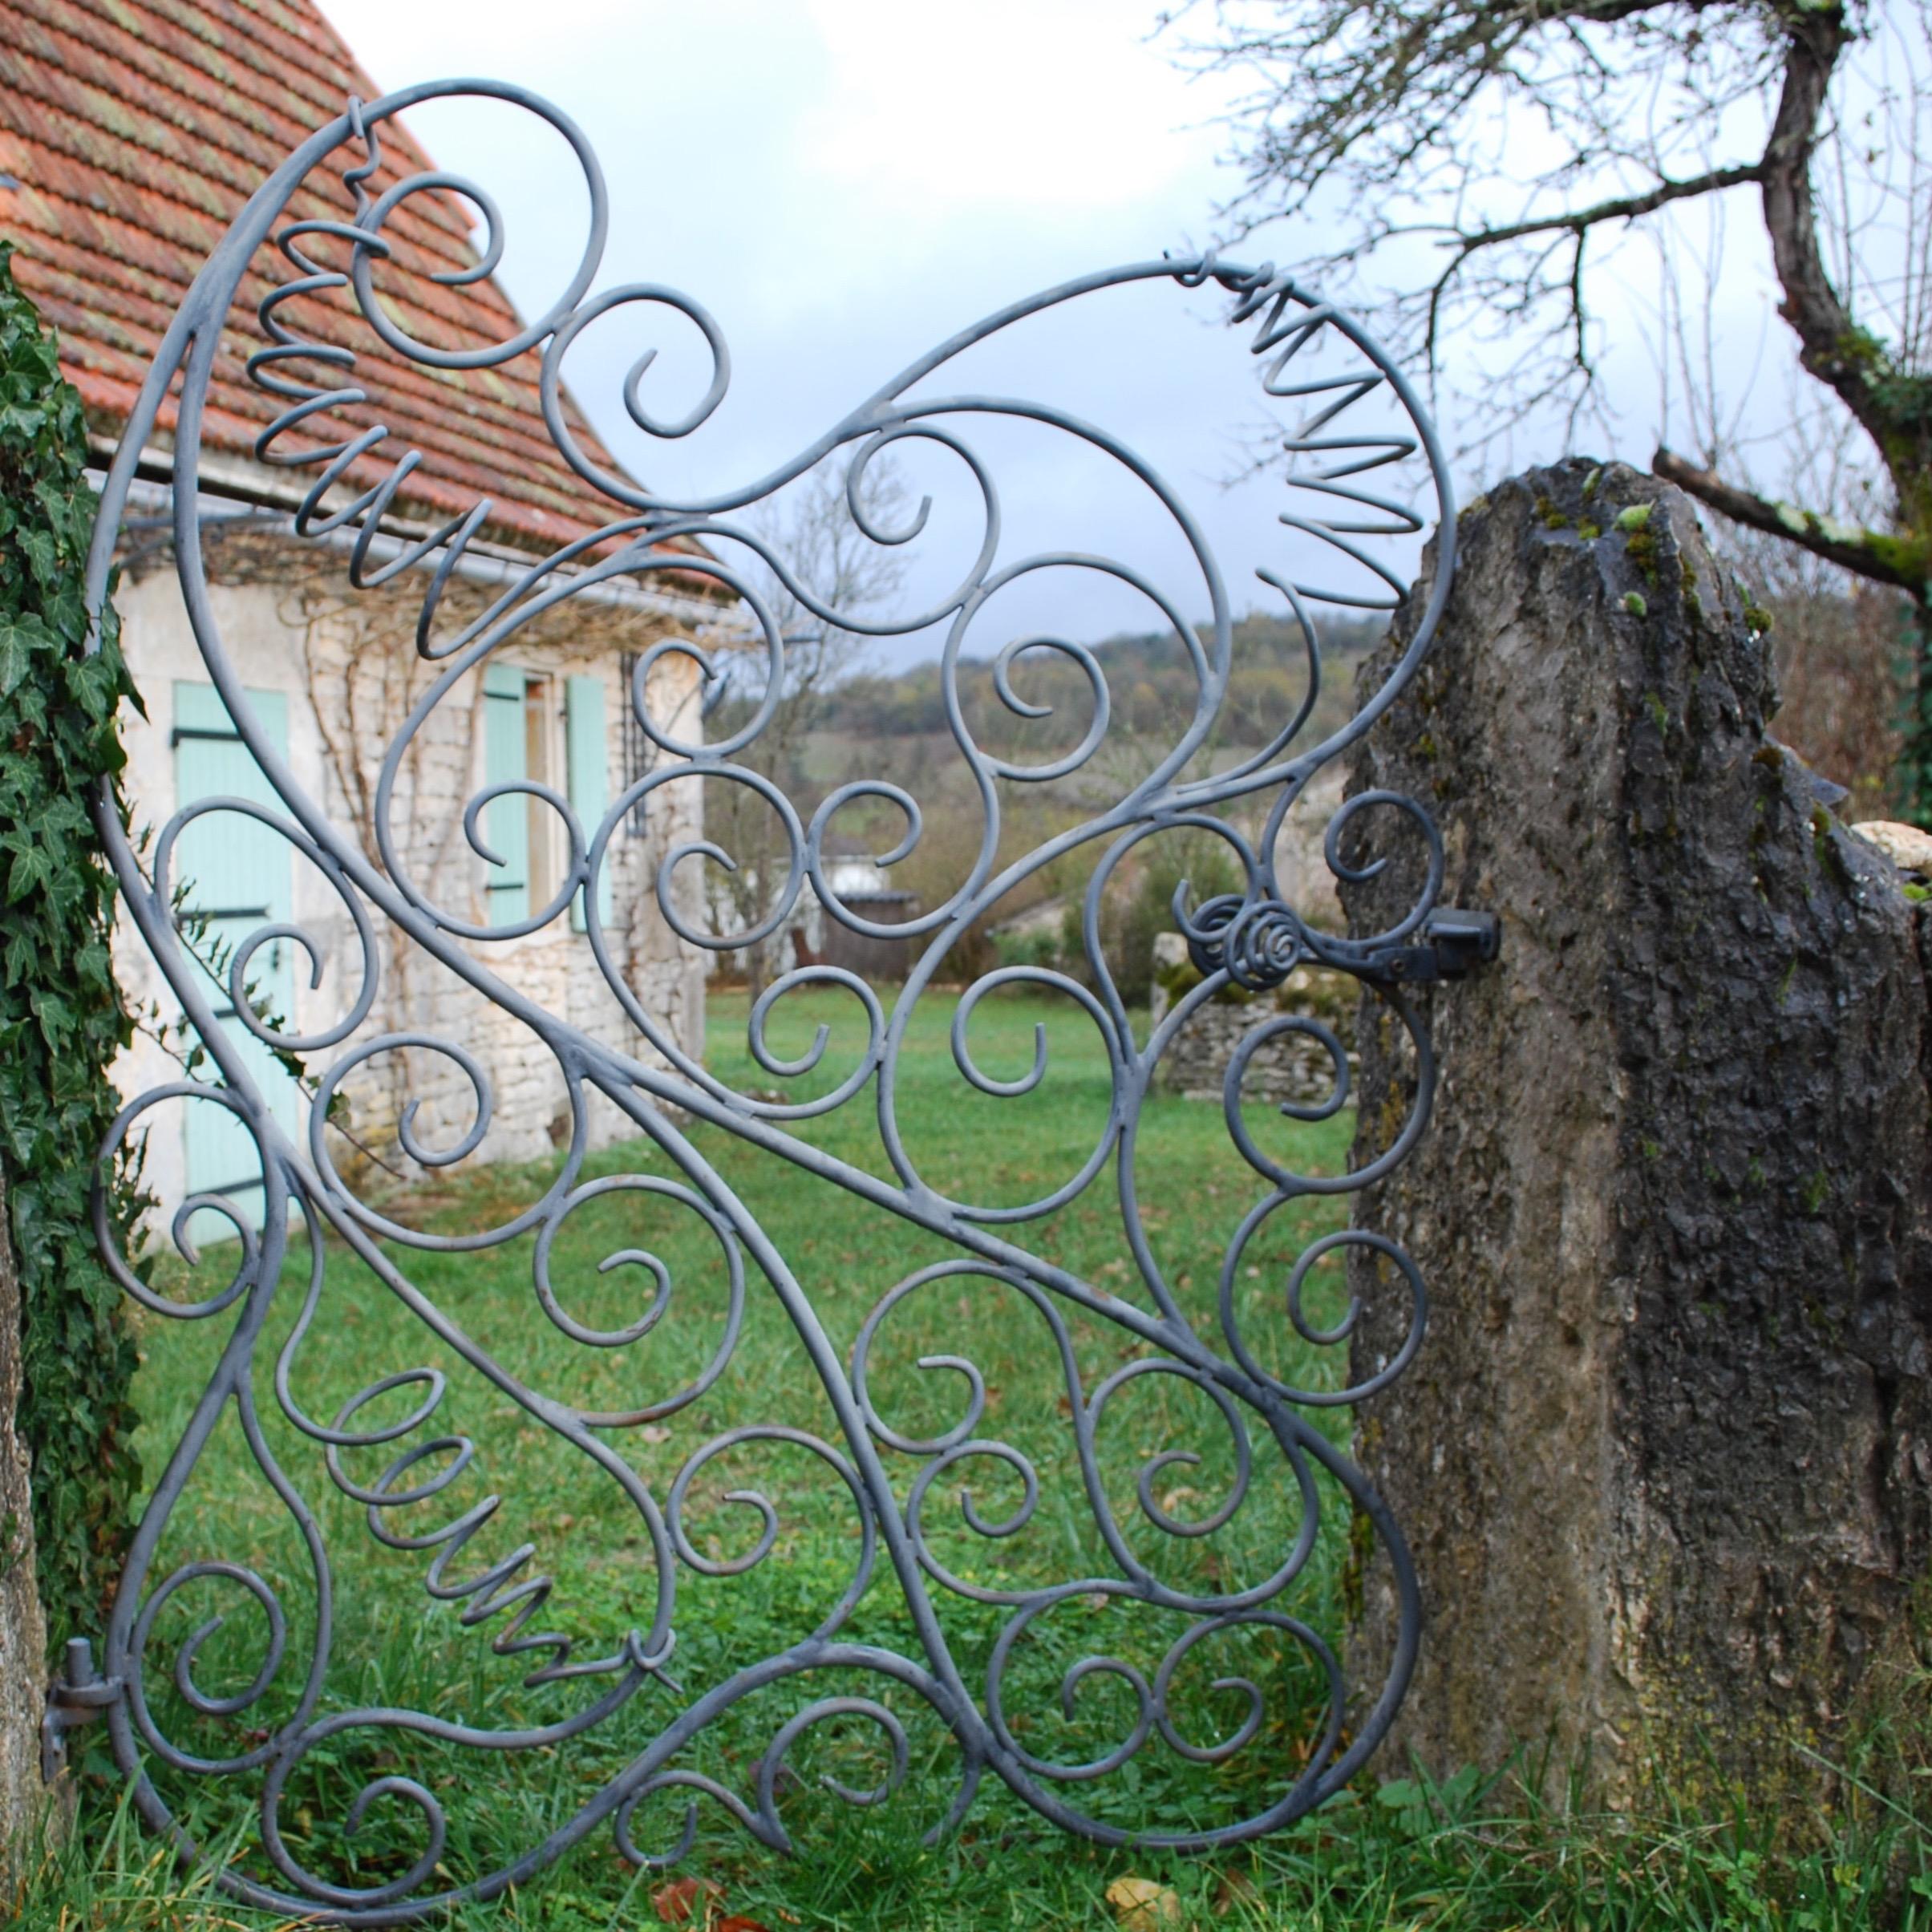 Flowing Metal Gate